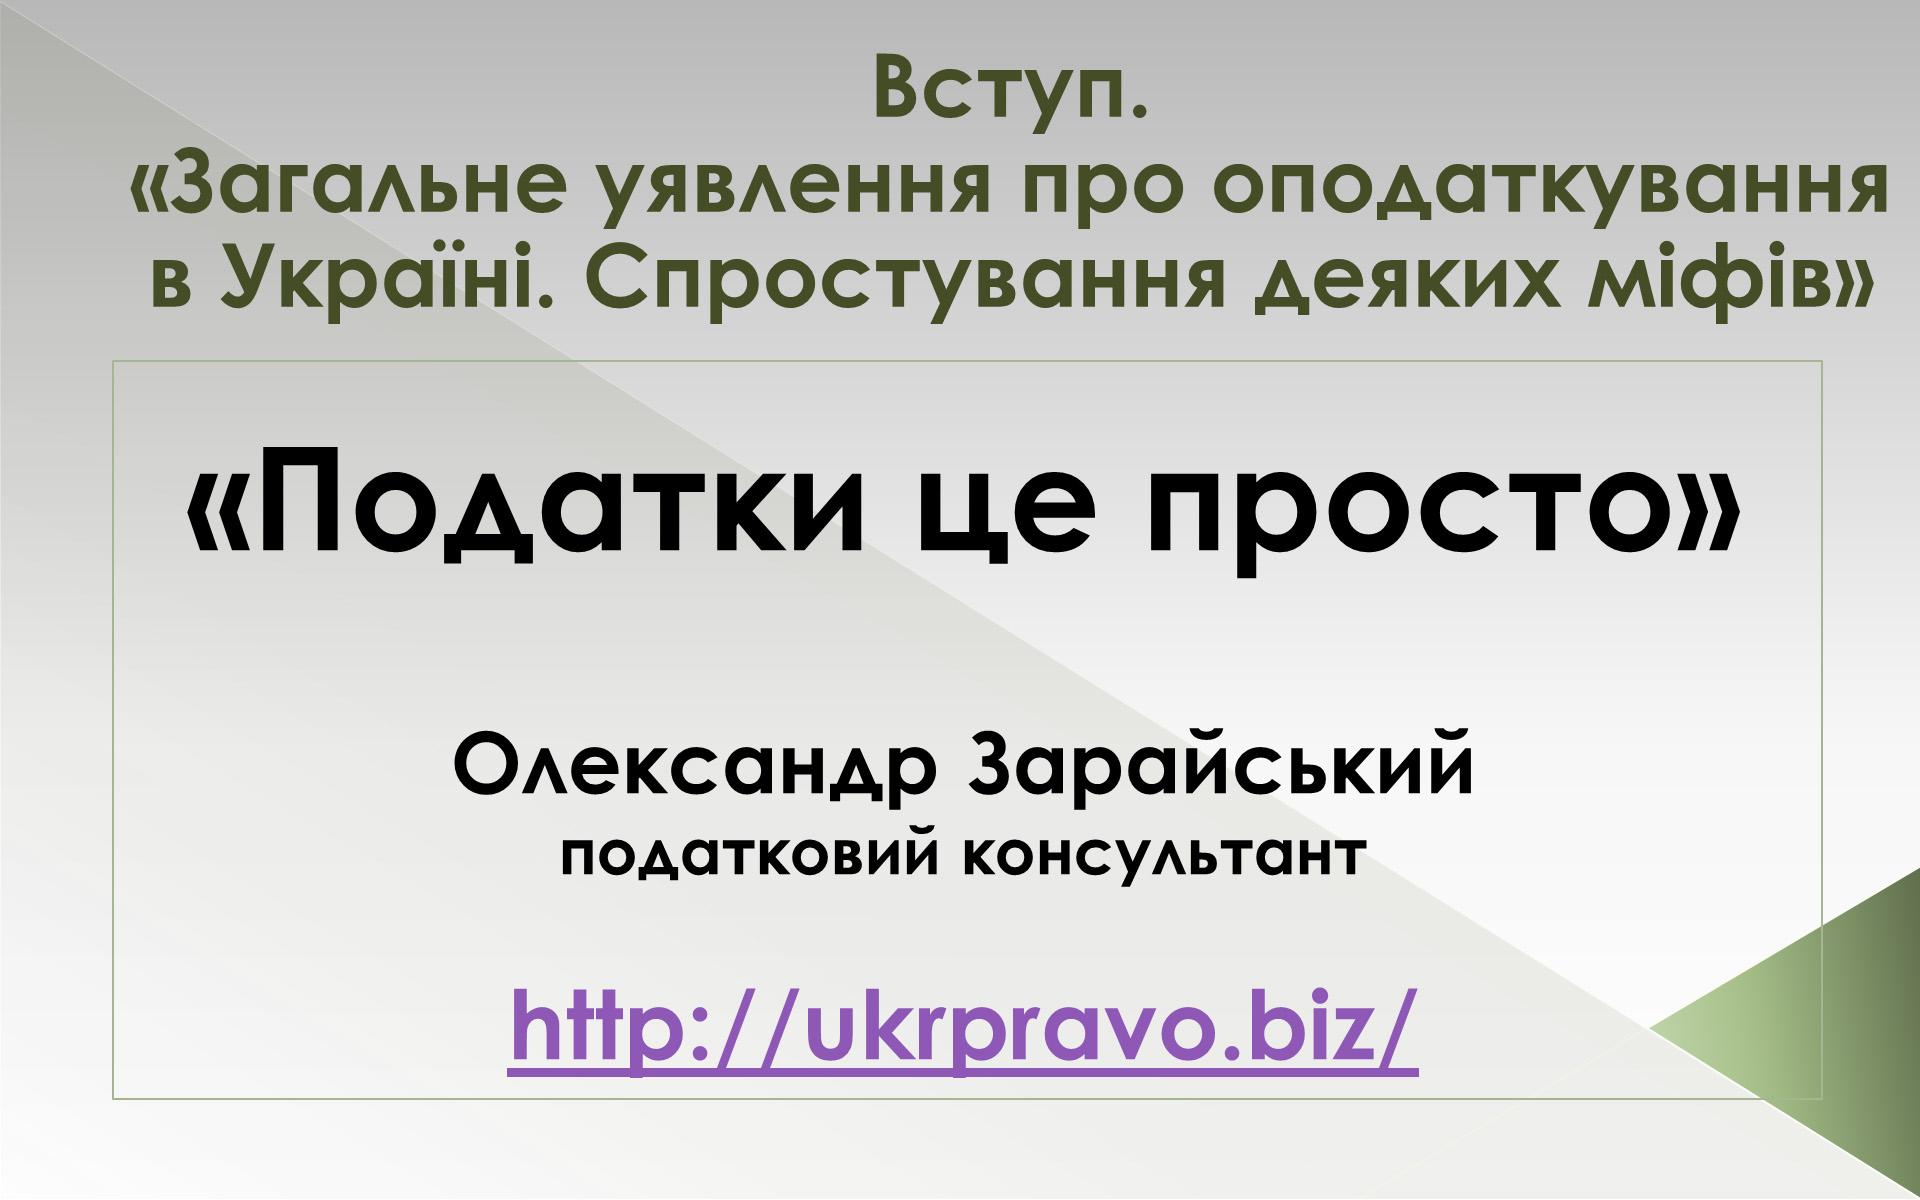 Загальне уявлення про систему оподаткування в Україні